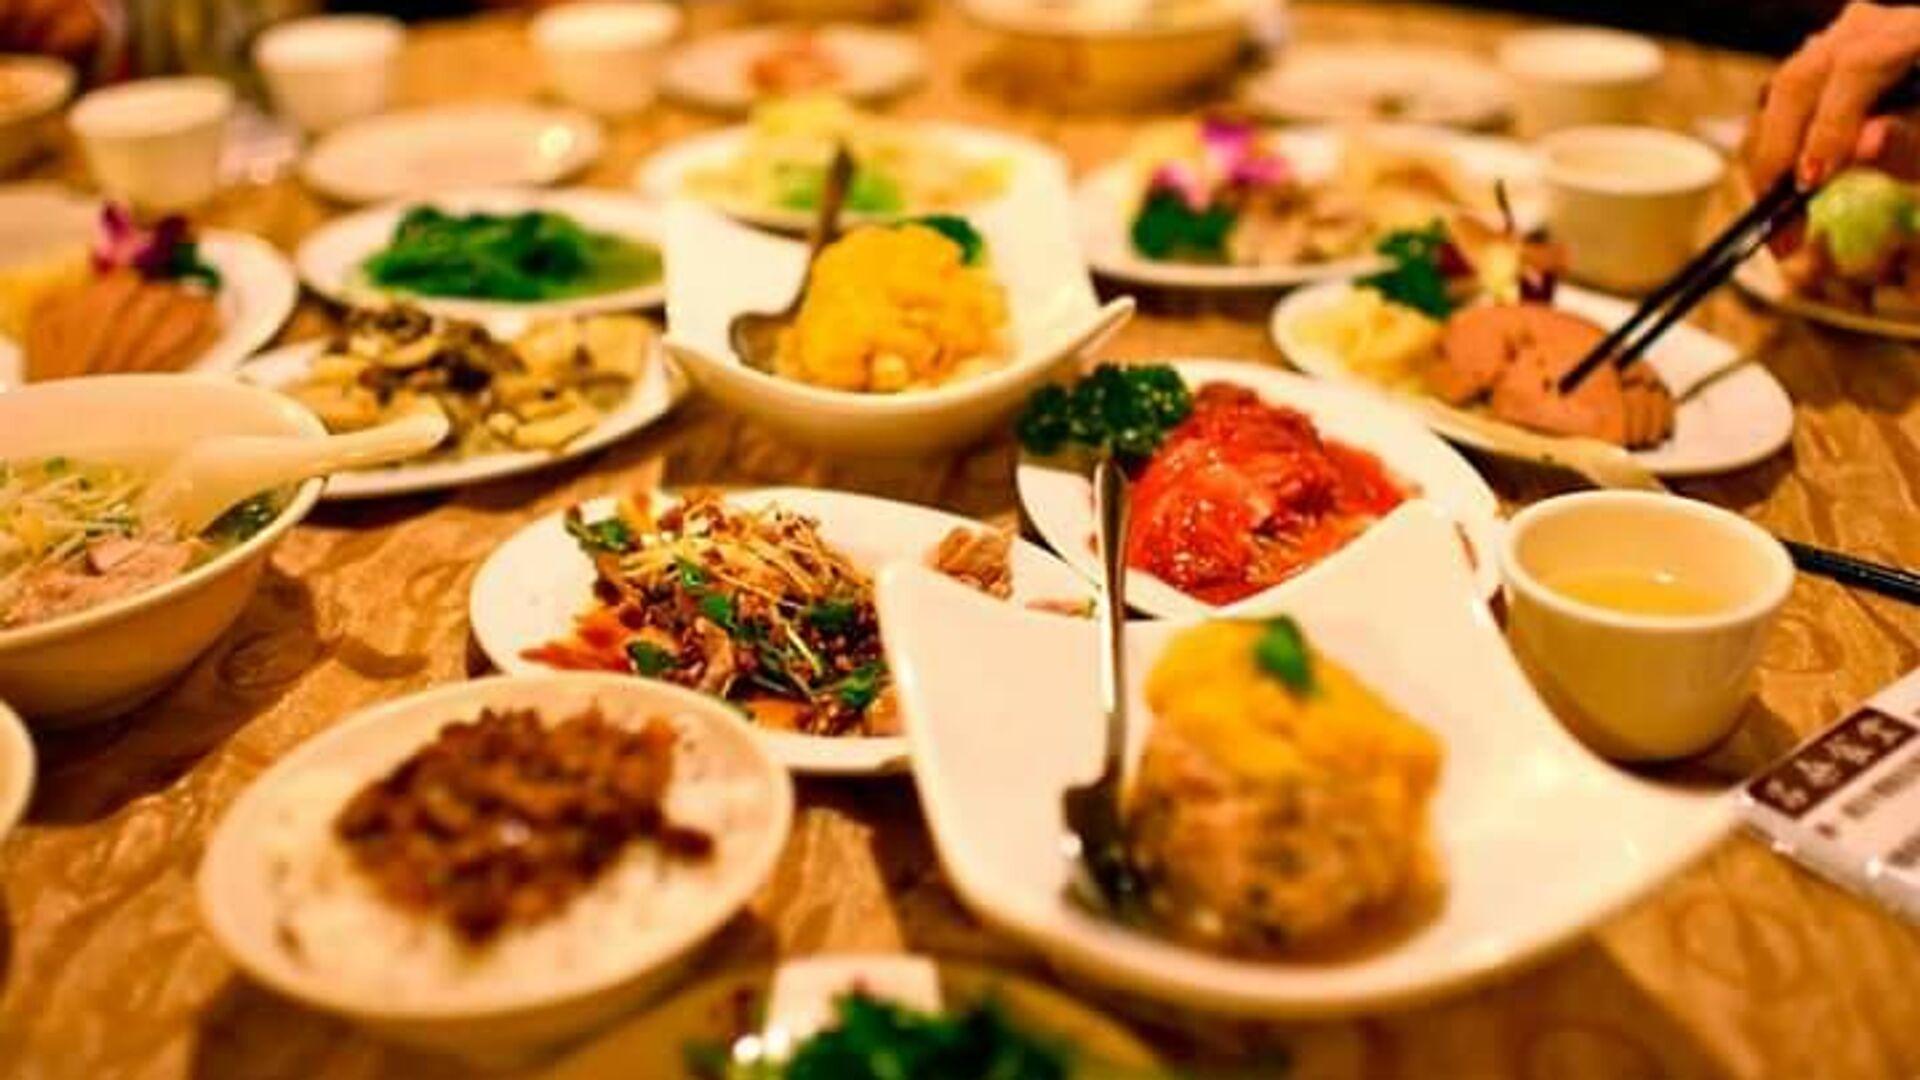 Блюда на столе одного из ресторанов Ярославля на пути маршрута в рамках проекта развития гастрономического туризма в Ярославской области - РИА Новости, 1920, 13.10.2021